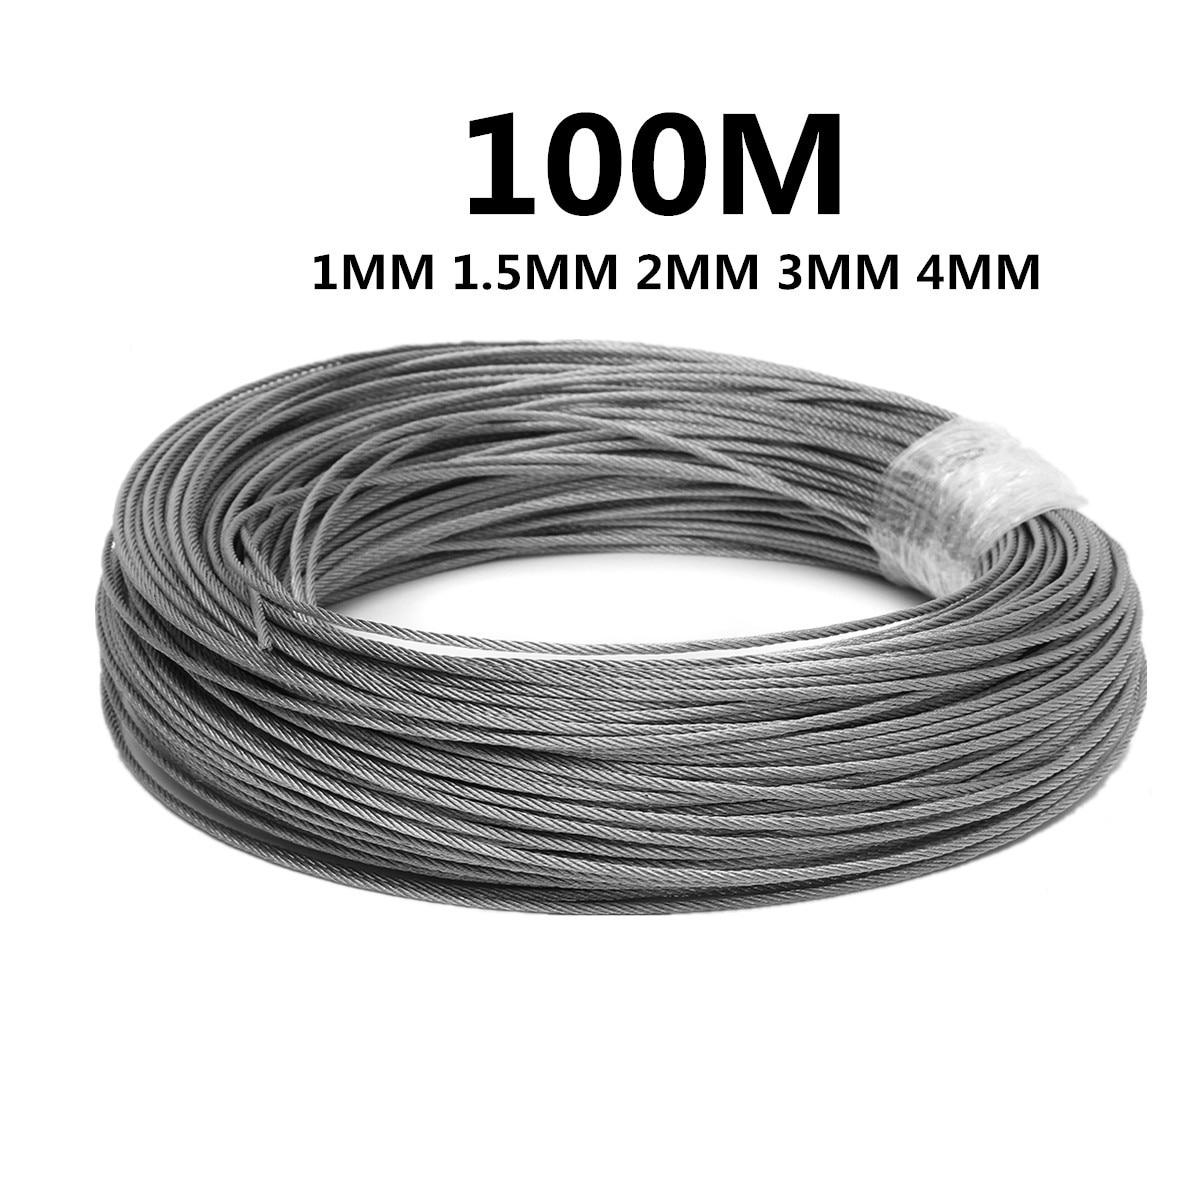 100 м 50M304 нержавеющая сталь 1 мм 1,5 мм 2 мм диаметр стальной проволоки голый канат подъемная Кабельная линия бельевая линия коррозионная 7X7